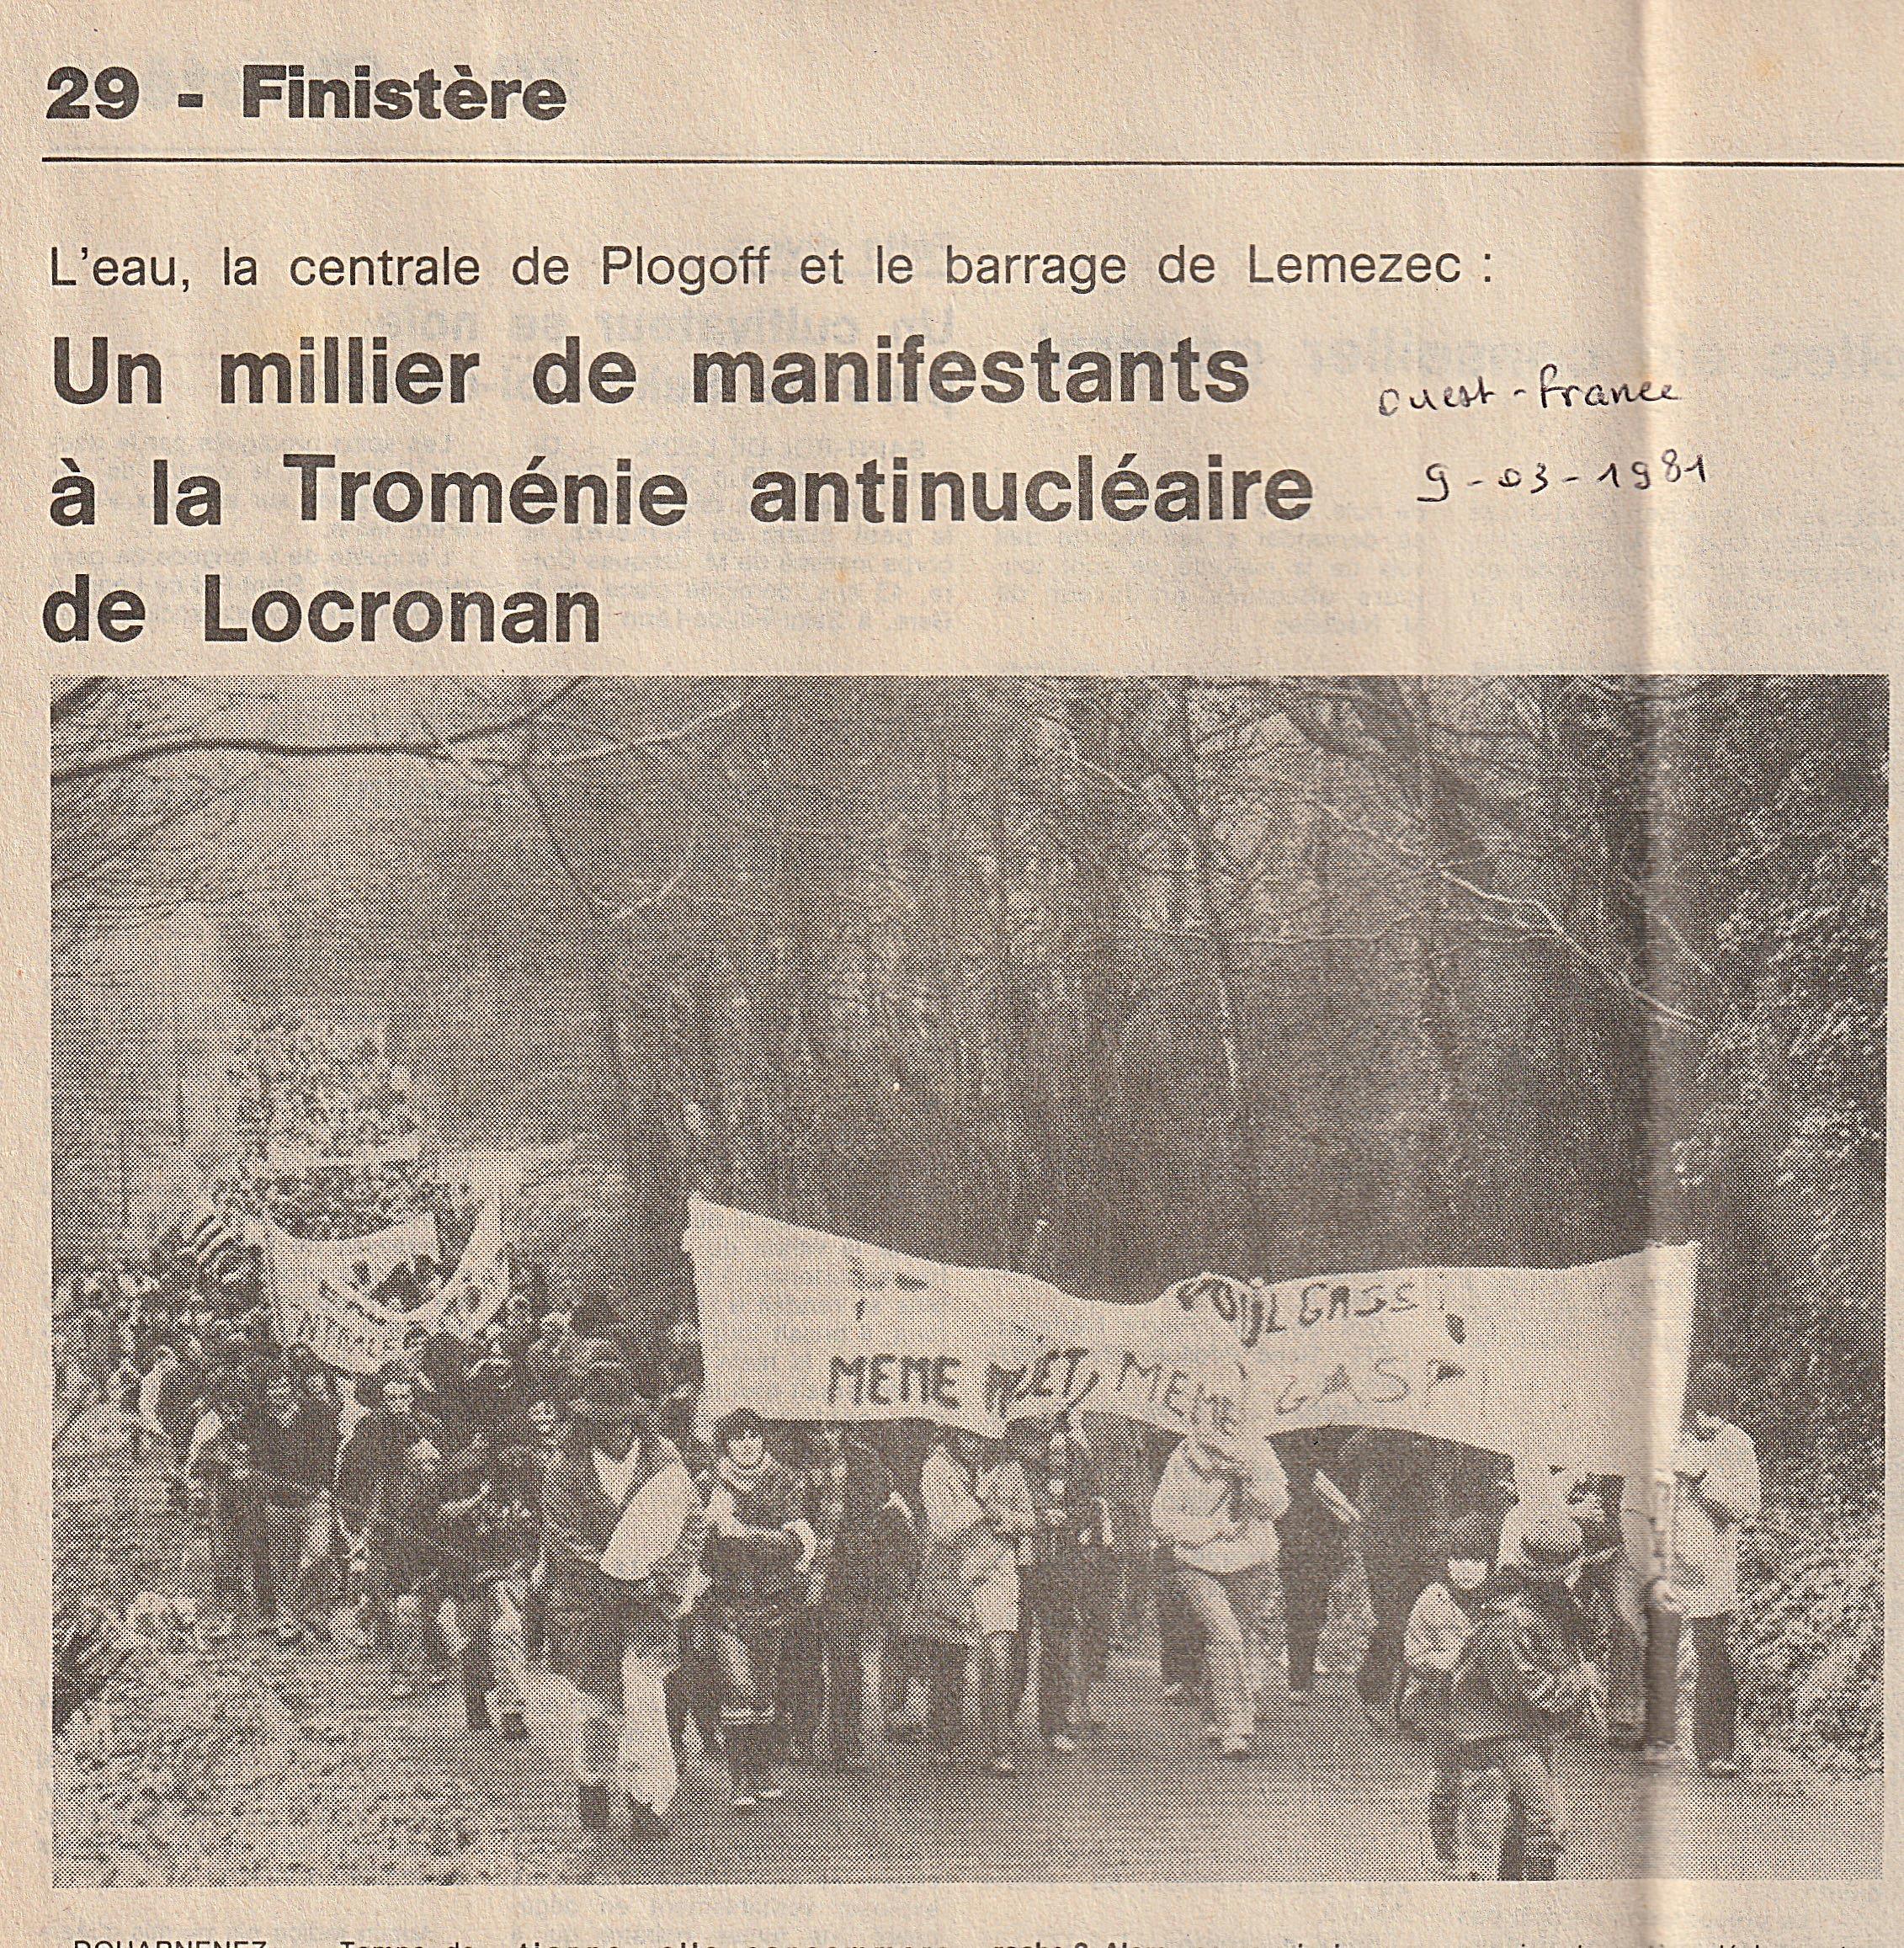 Troménie_antinucléaire_de_Locronan_Ouest